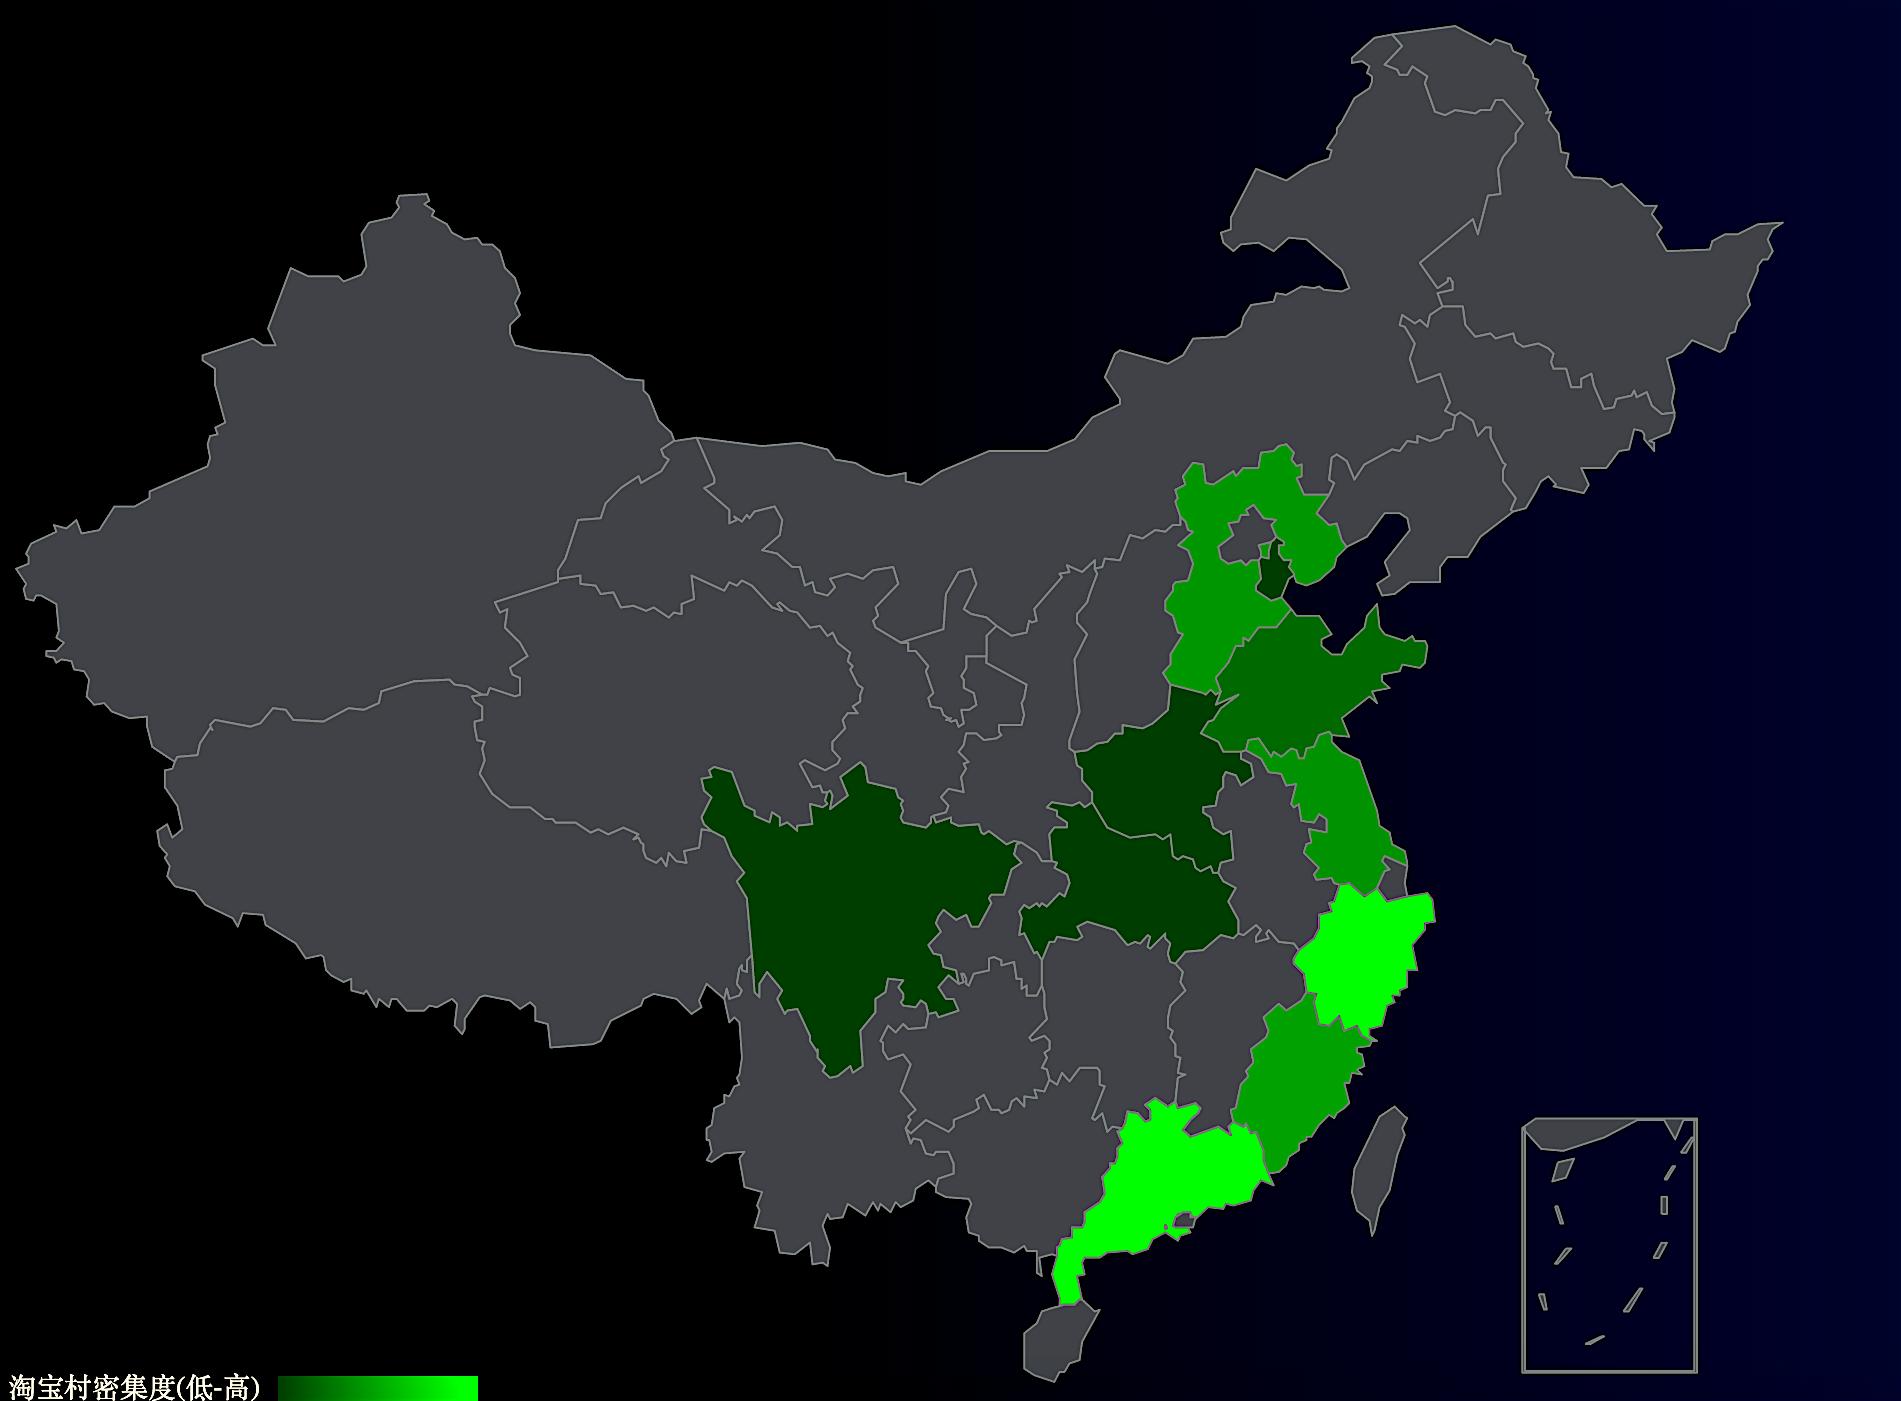 taobaocun